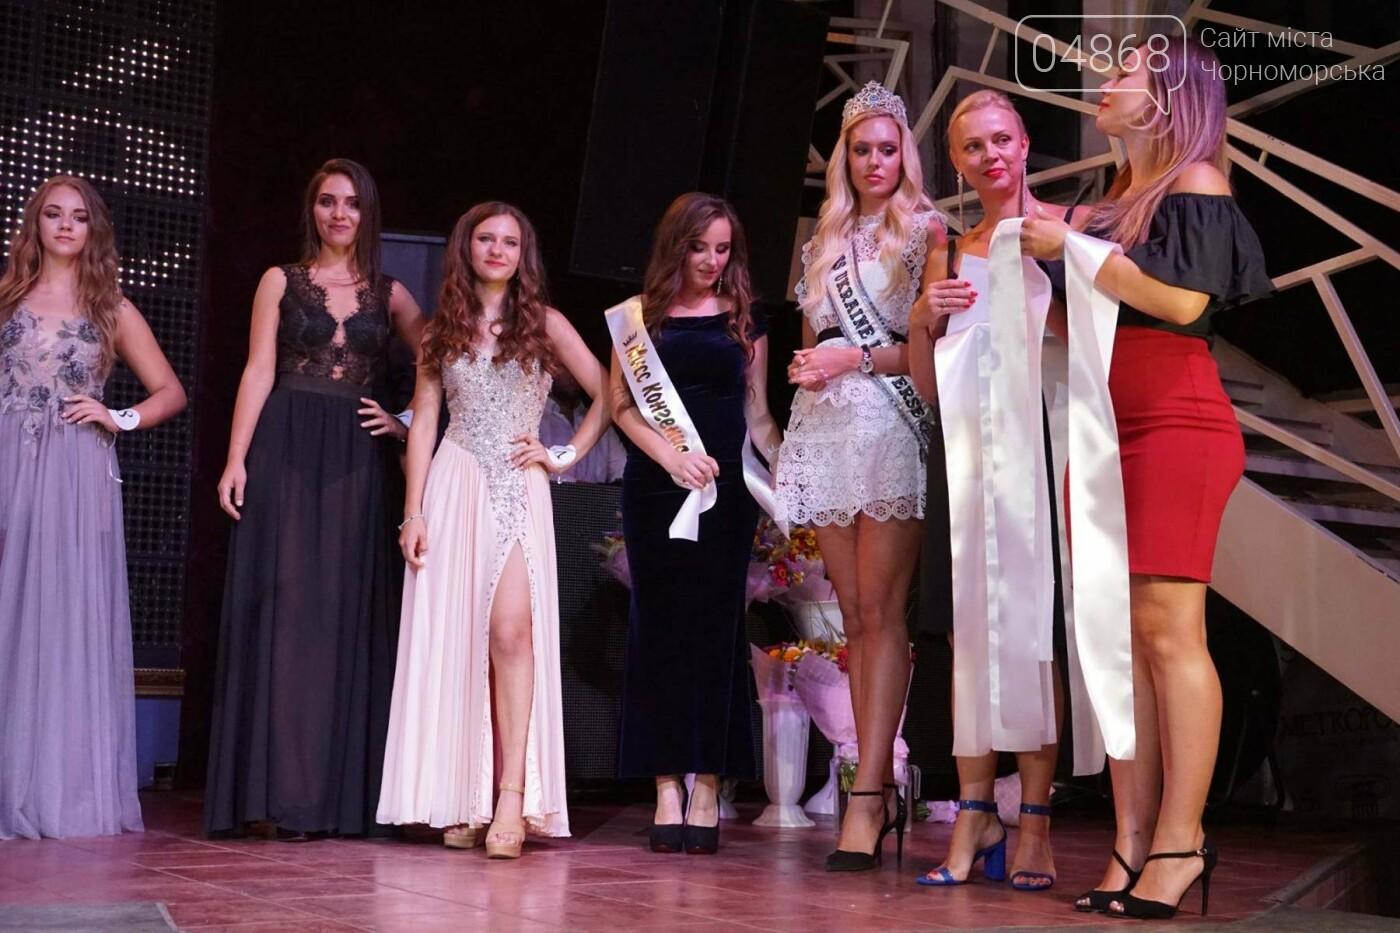 В Черноморске избрана новая Королева красоты, фото-14